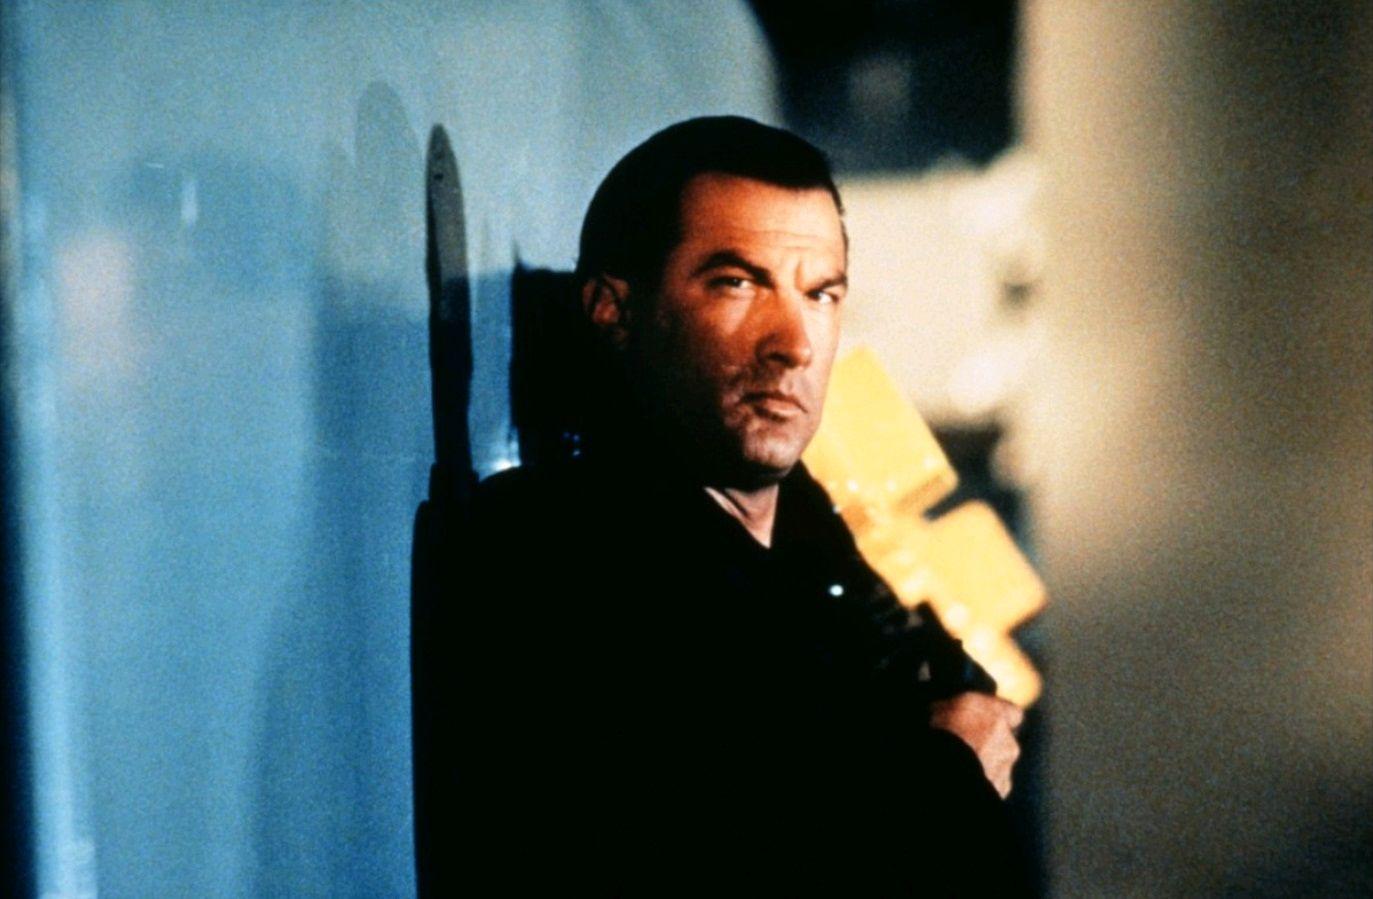 В осаде / Under Siege (1992): кадр из фильма